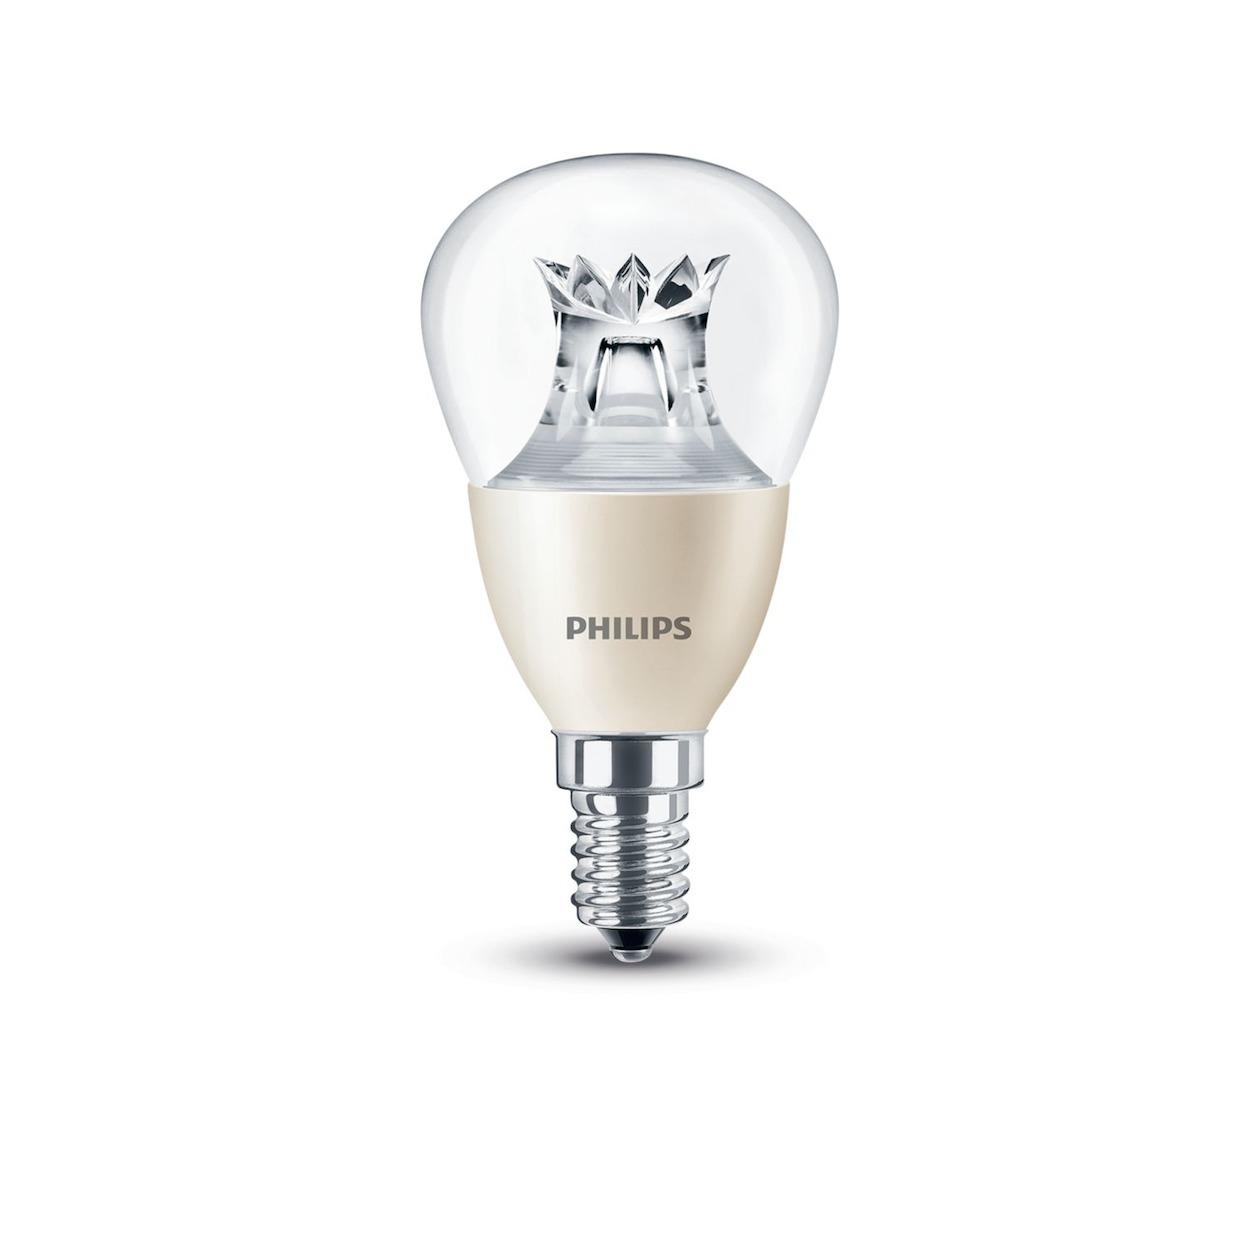 Philips LED lamp E14 6W 470Lm kogel helder dimbaar